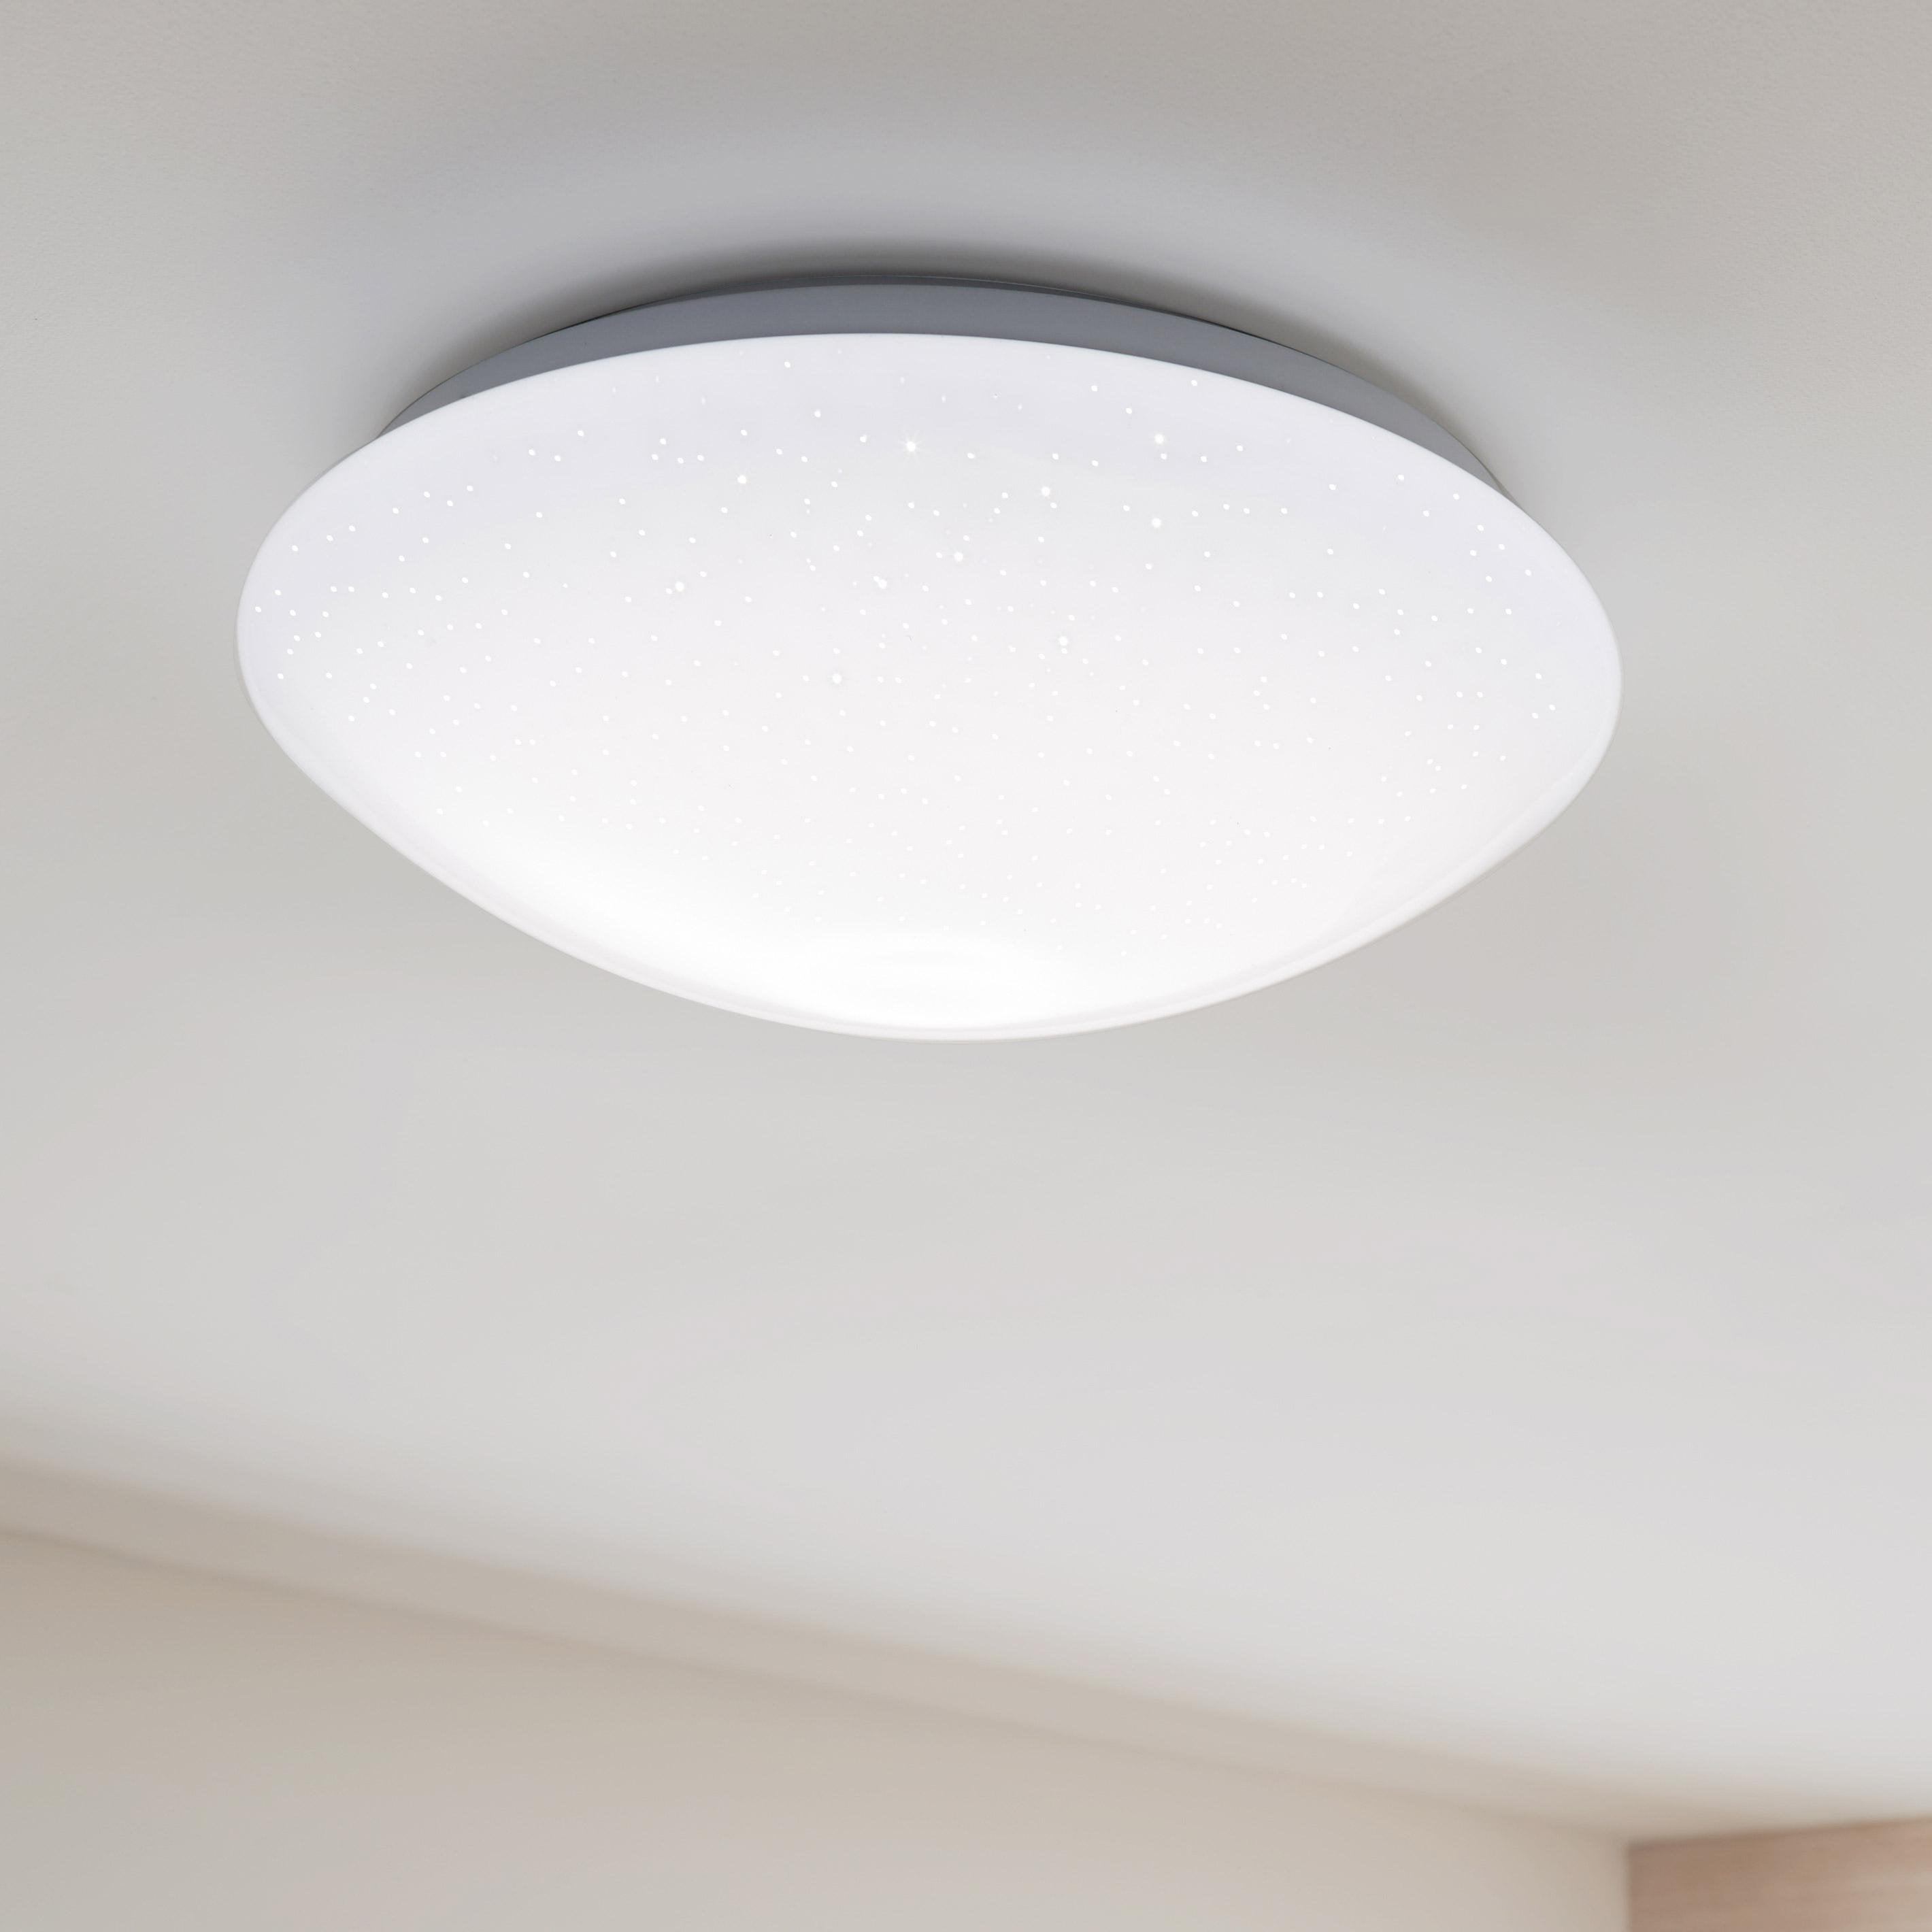 Plafonnier Modica, LED 1 x 25 W intégrée changement de blanc chaud à blanc froid